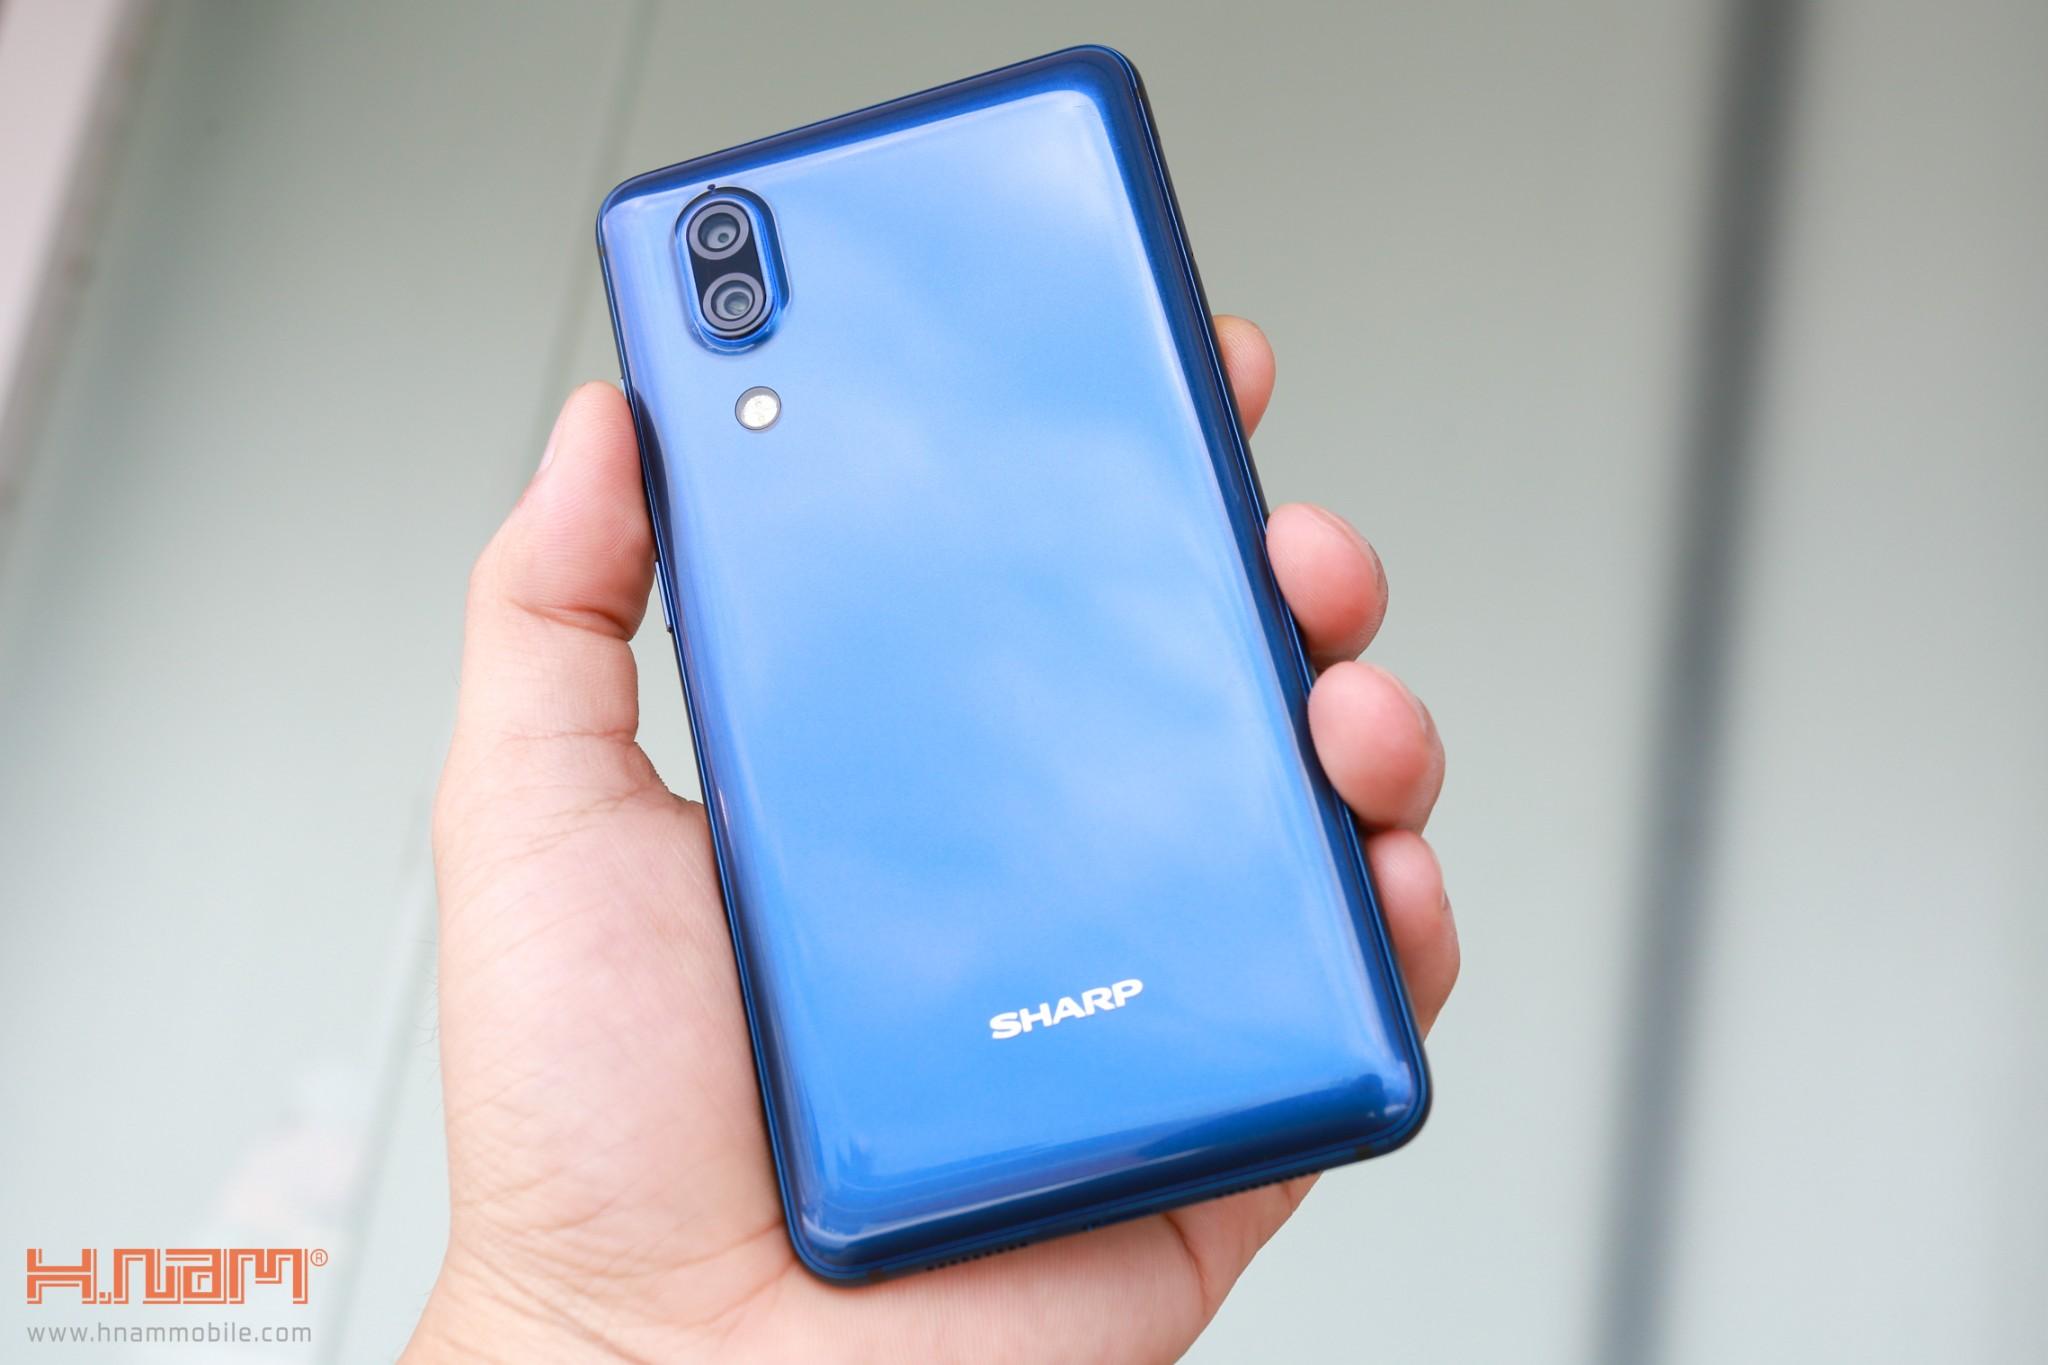 Trên tay Sharp Aquos S2 phiên bản màu xanh tại Việt Nam hình 1